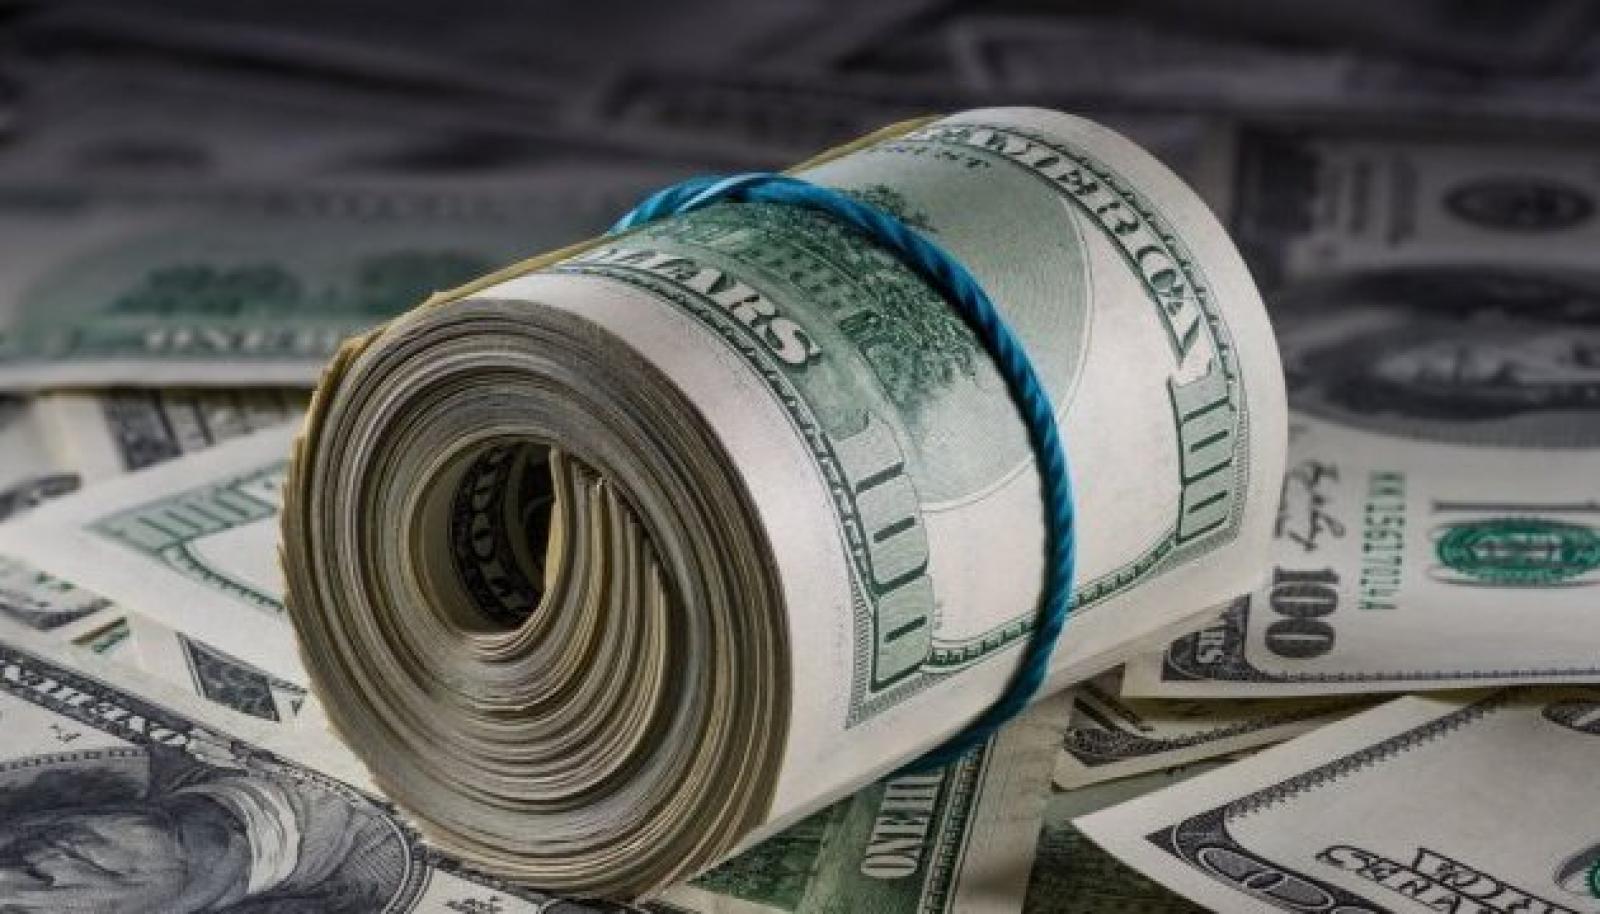 МВФ принял важное решение касательно выделения транша Украине